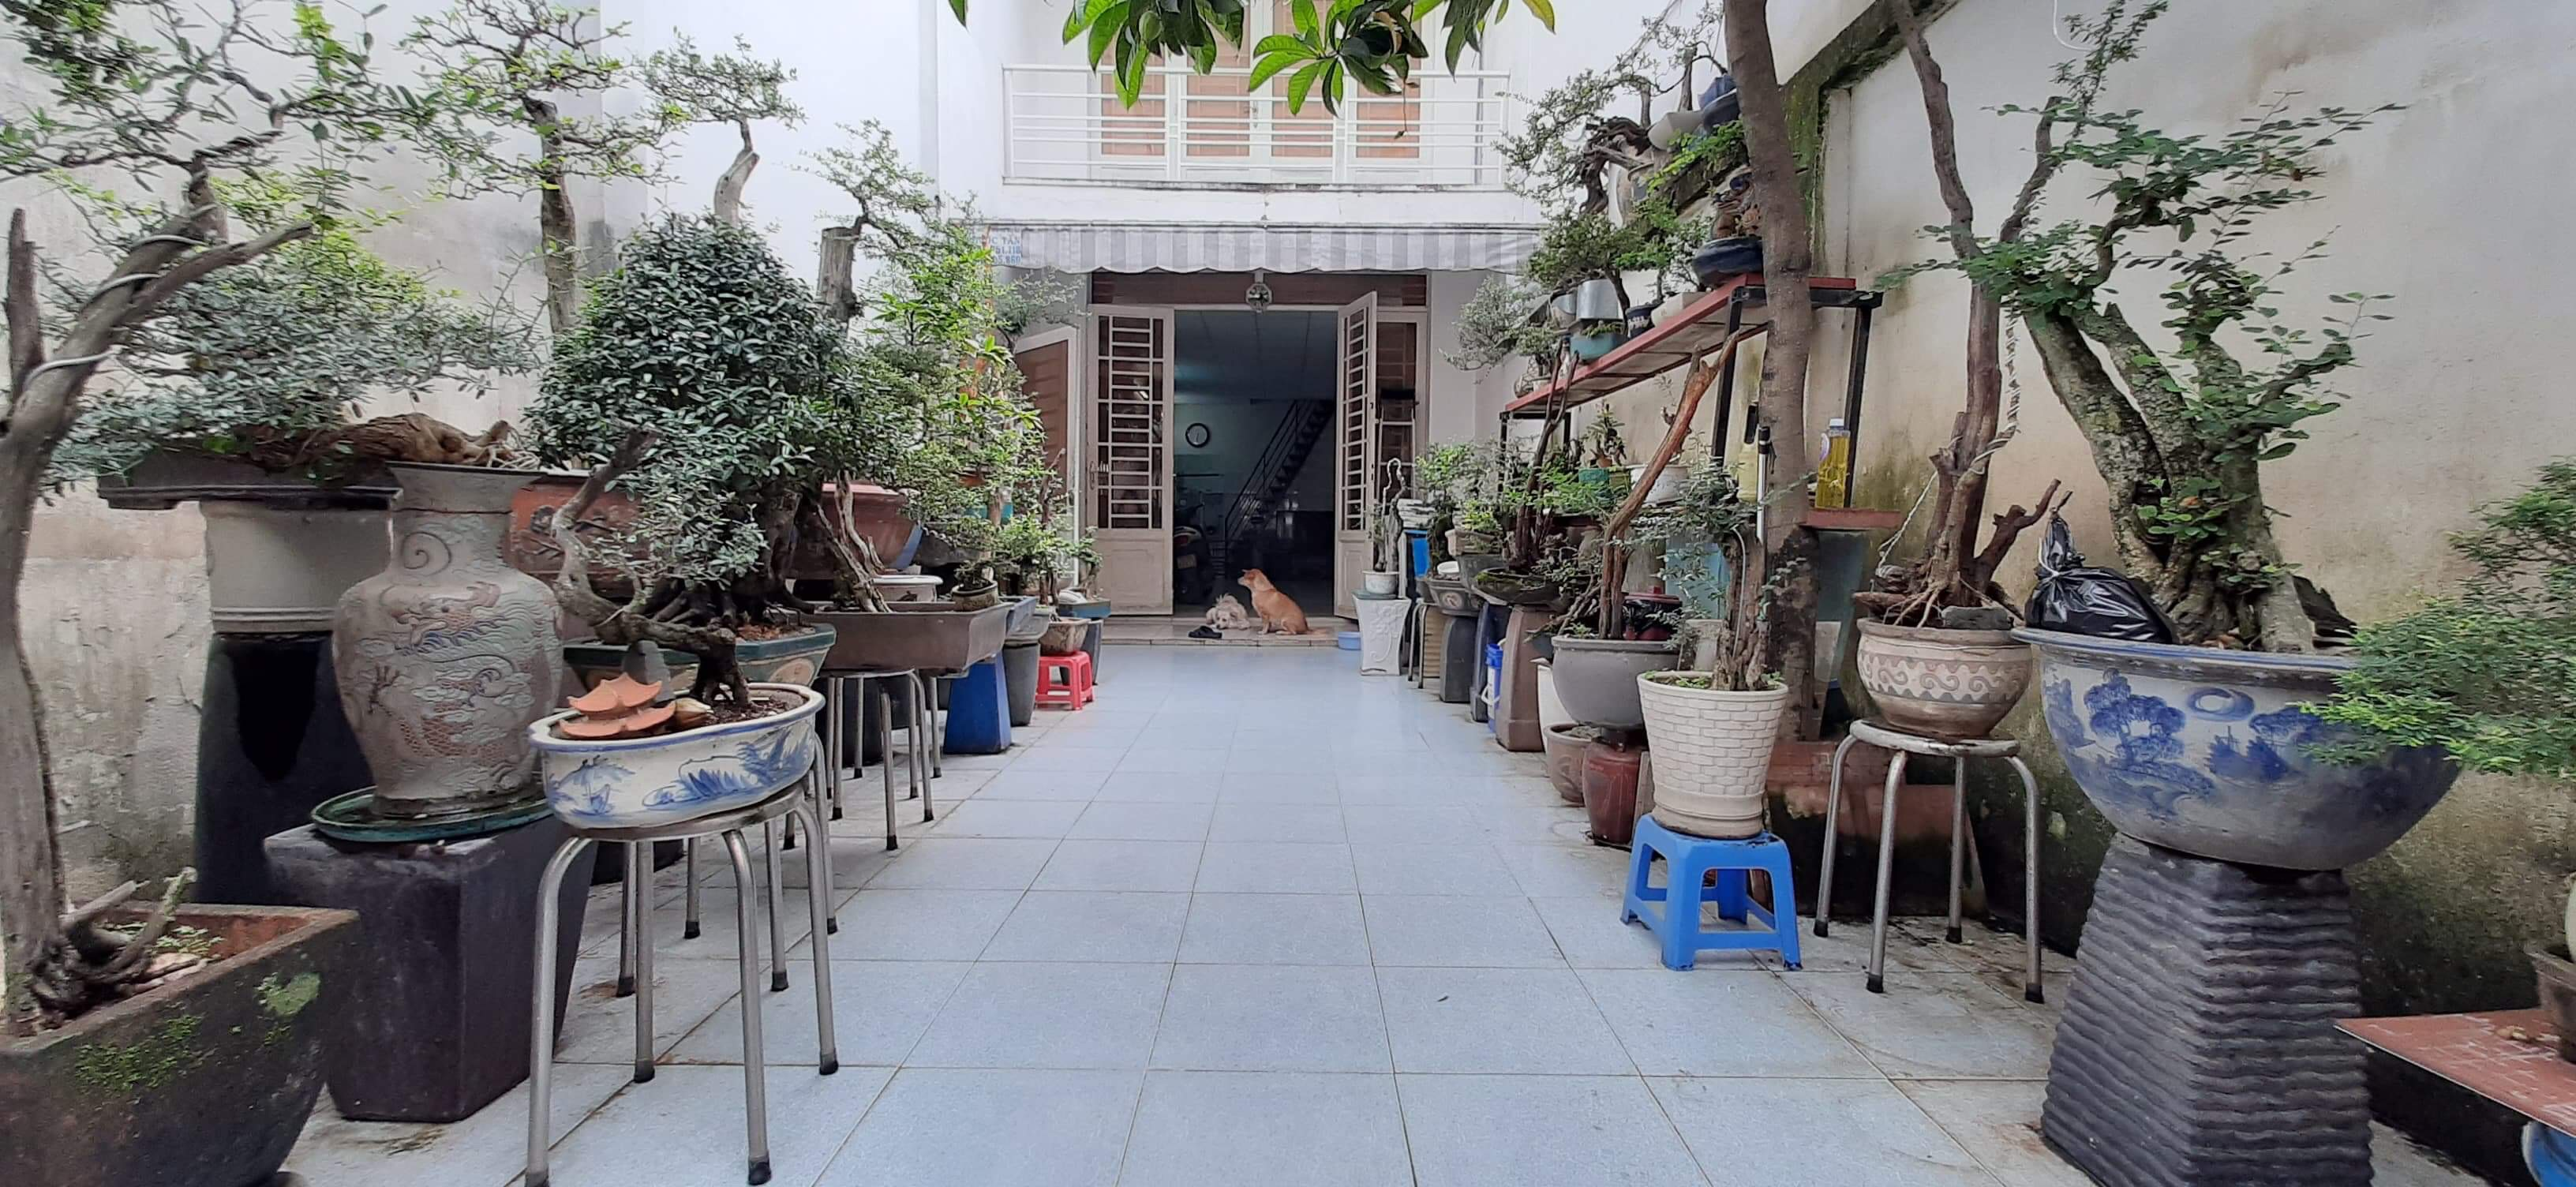 1 Bán nhà đôi liền kề 8x23 đường Nguyễn Thị Tú, quận Bình Tân, TP. HCM